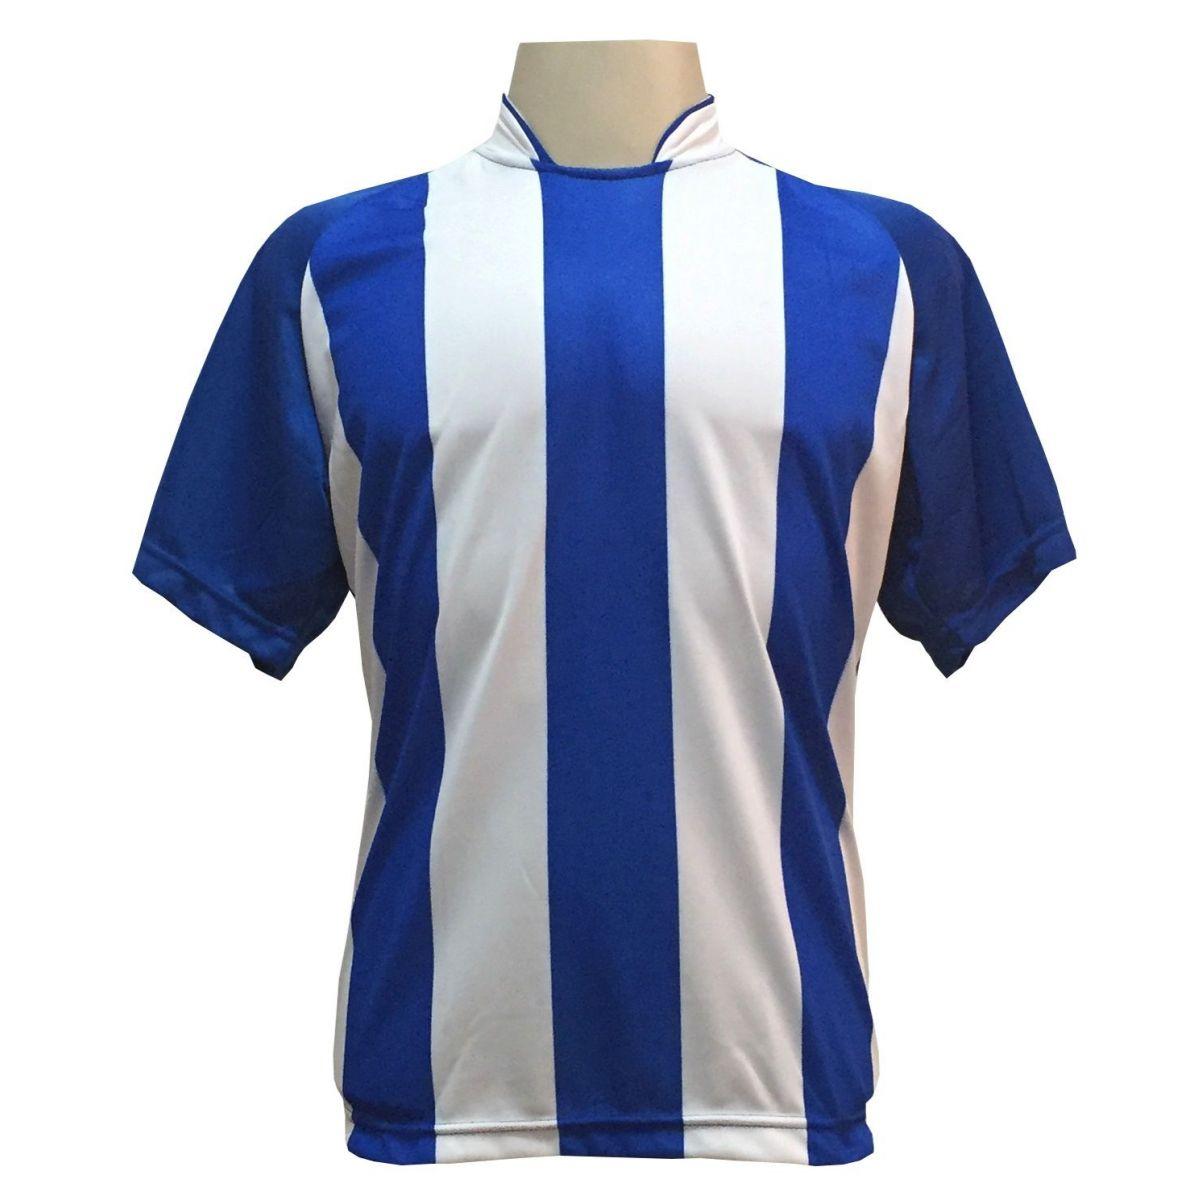 Uniforme Esportivo com 20 camisas modelo Milan Royal/Branco + 20 calções modelo Madrid Royal + 1 Goleiro + Brindes